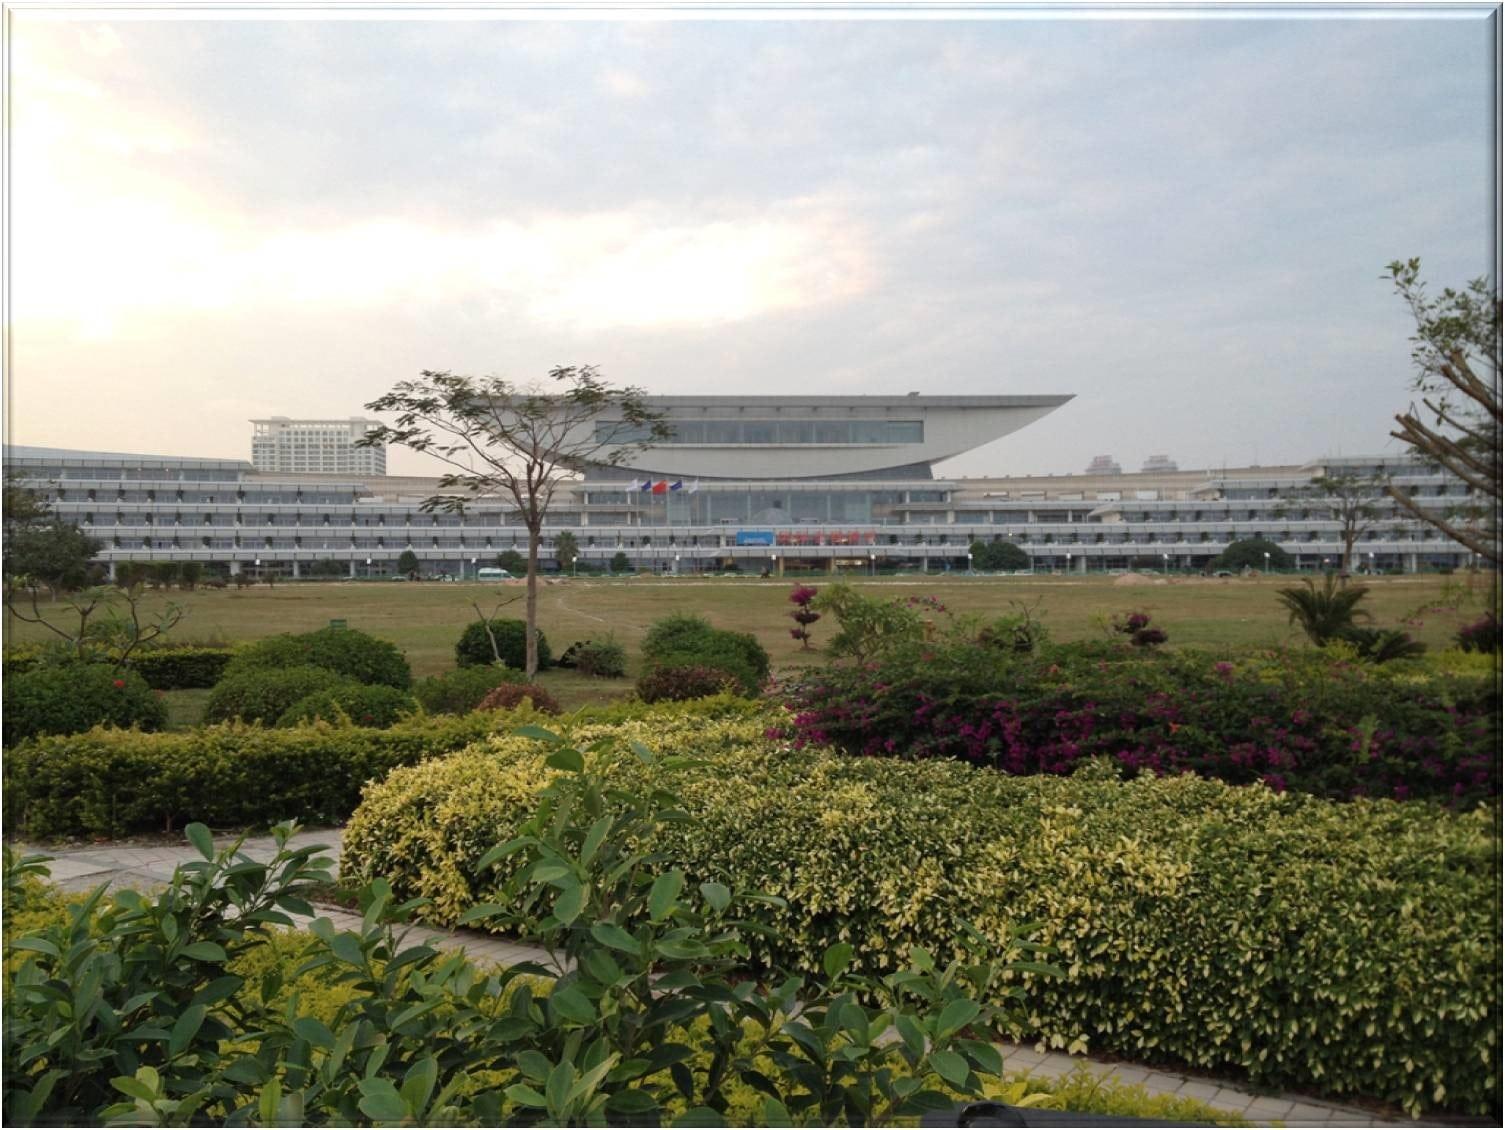 palazzo dei congressi xiamen